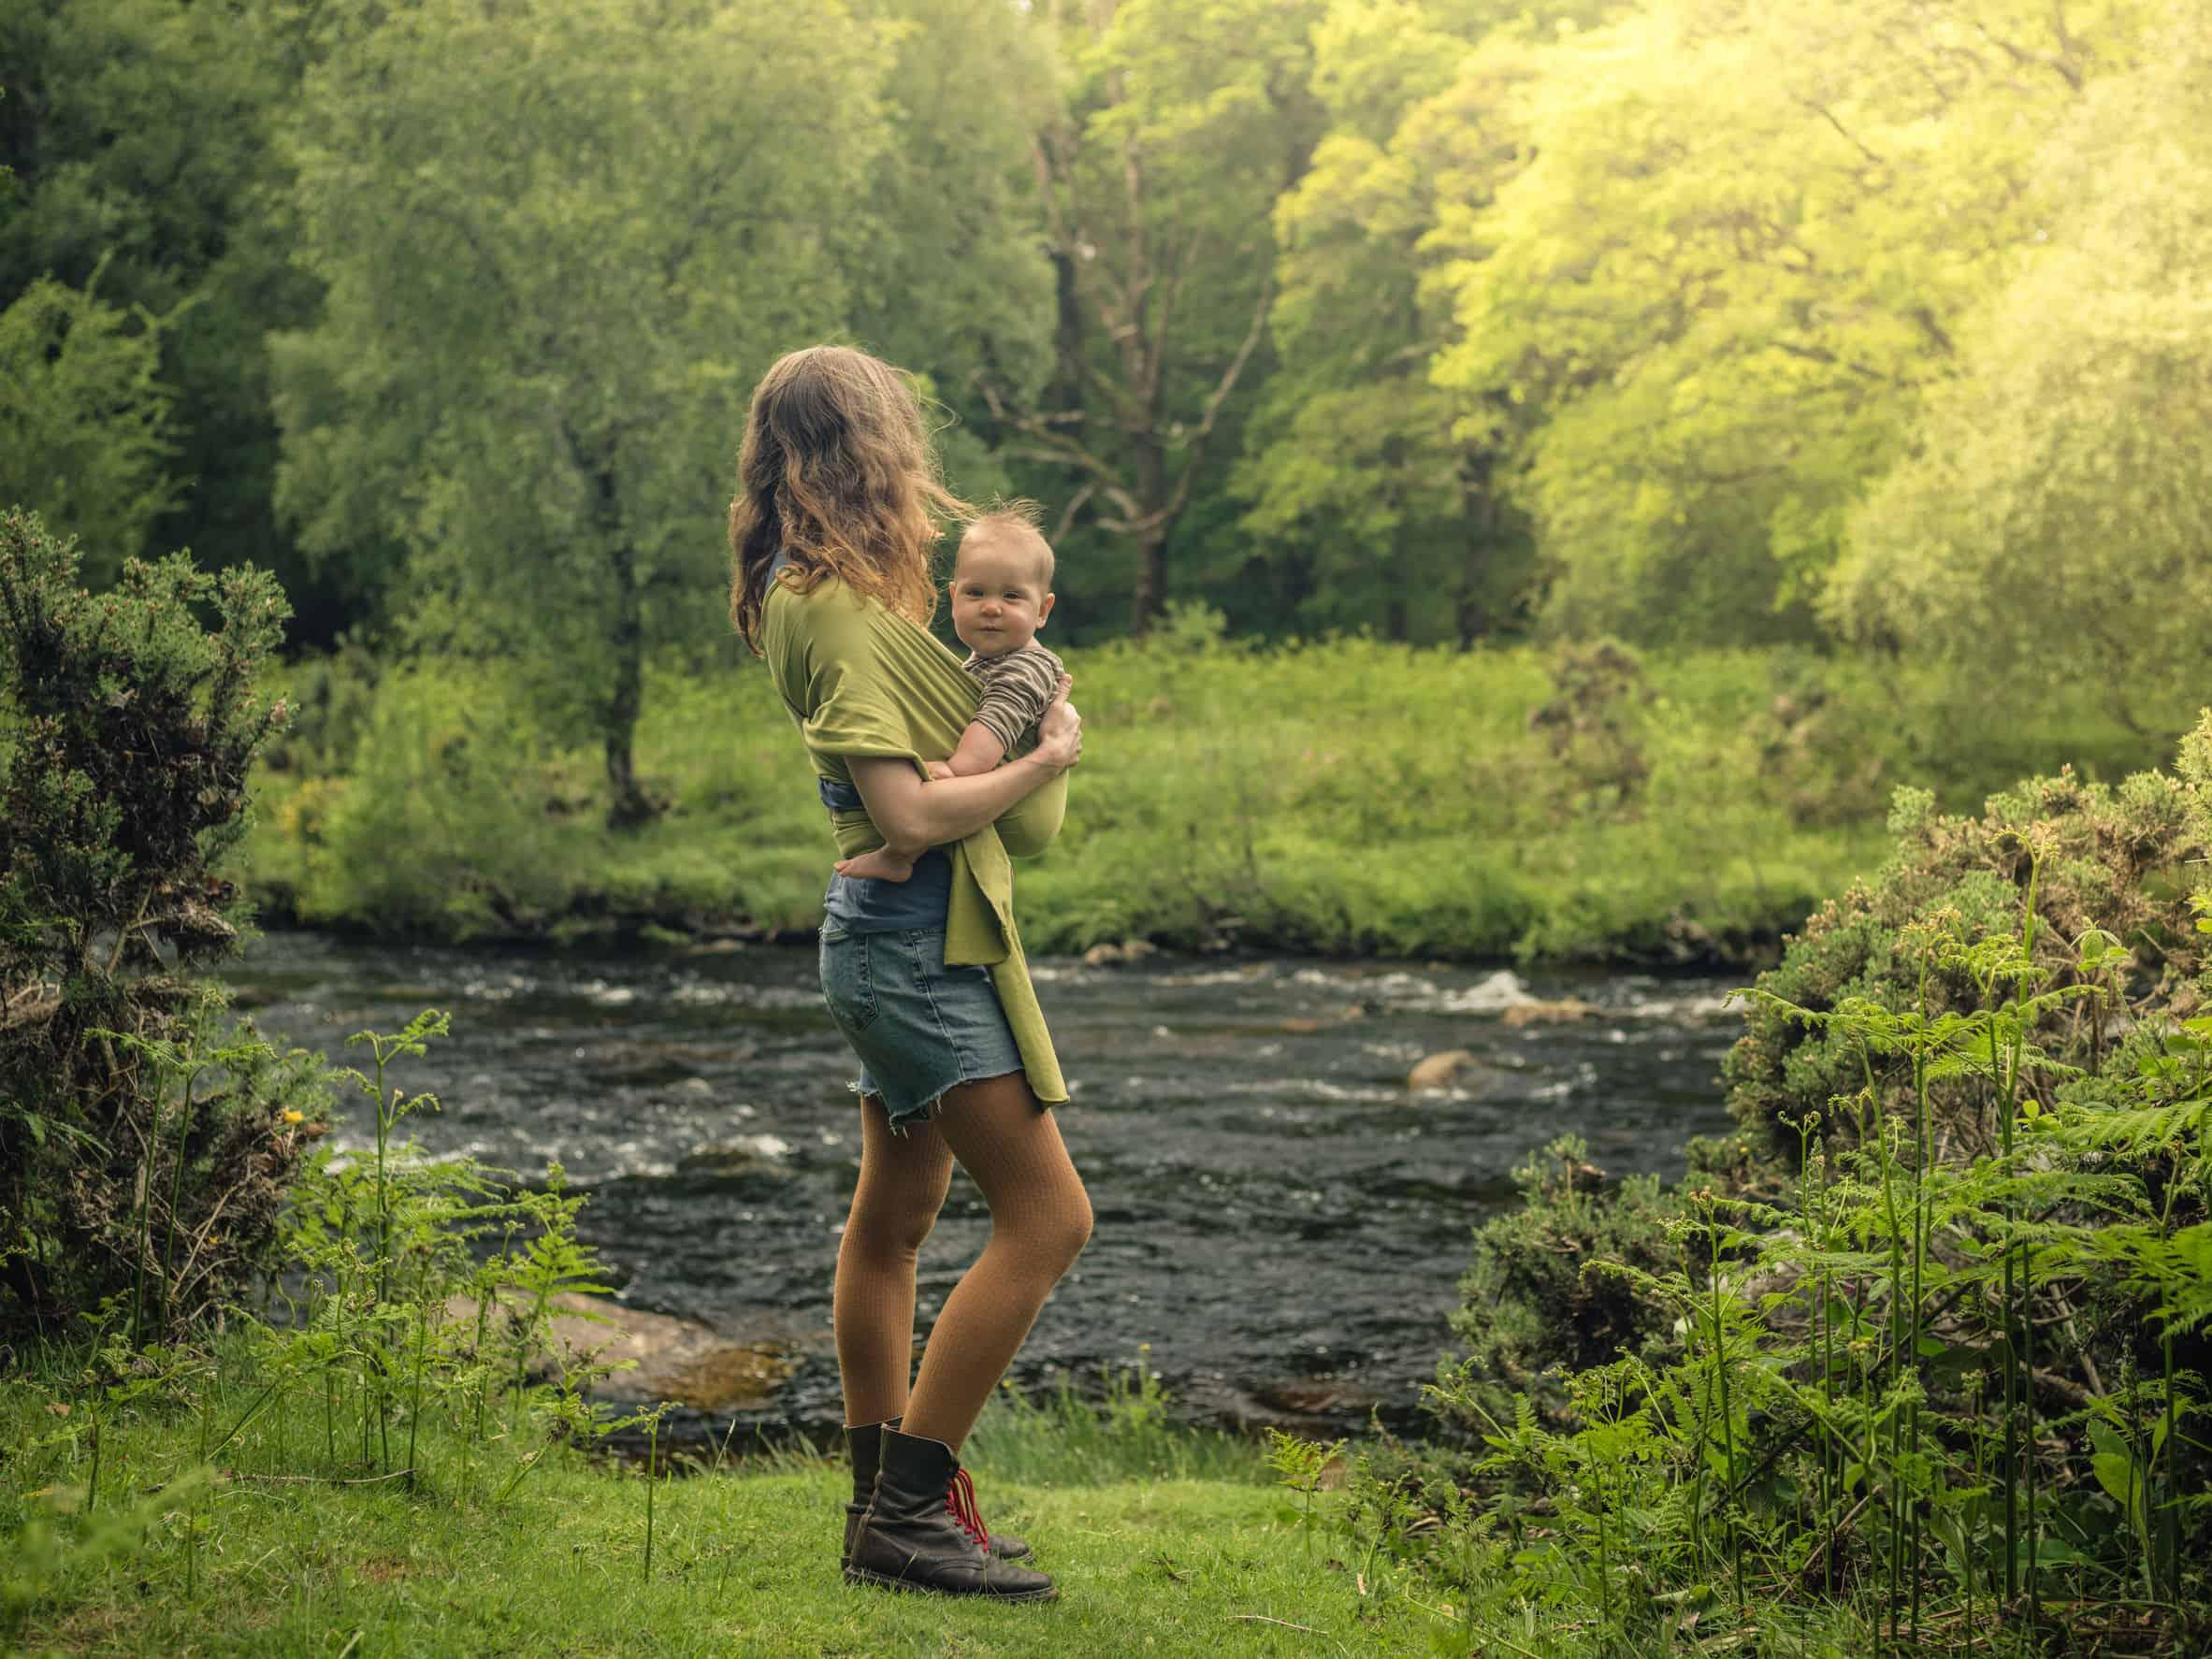 jovem mãe com seu filho em um sling em meio à natureza